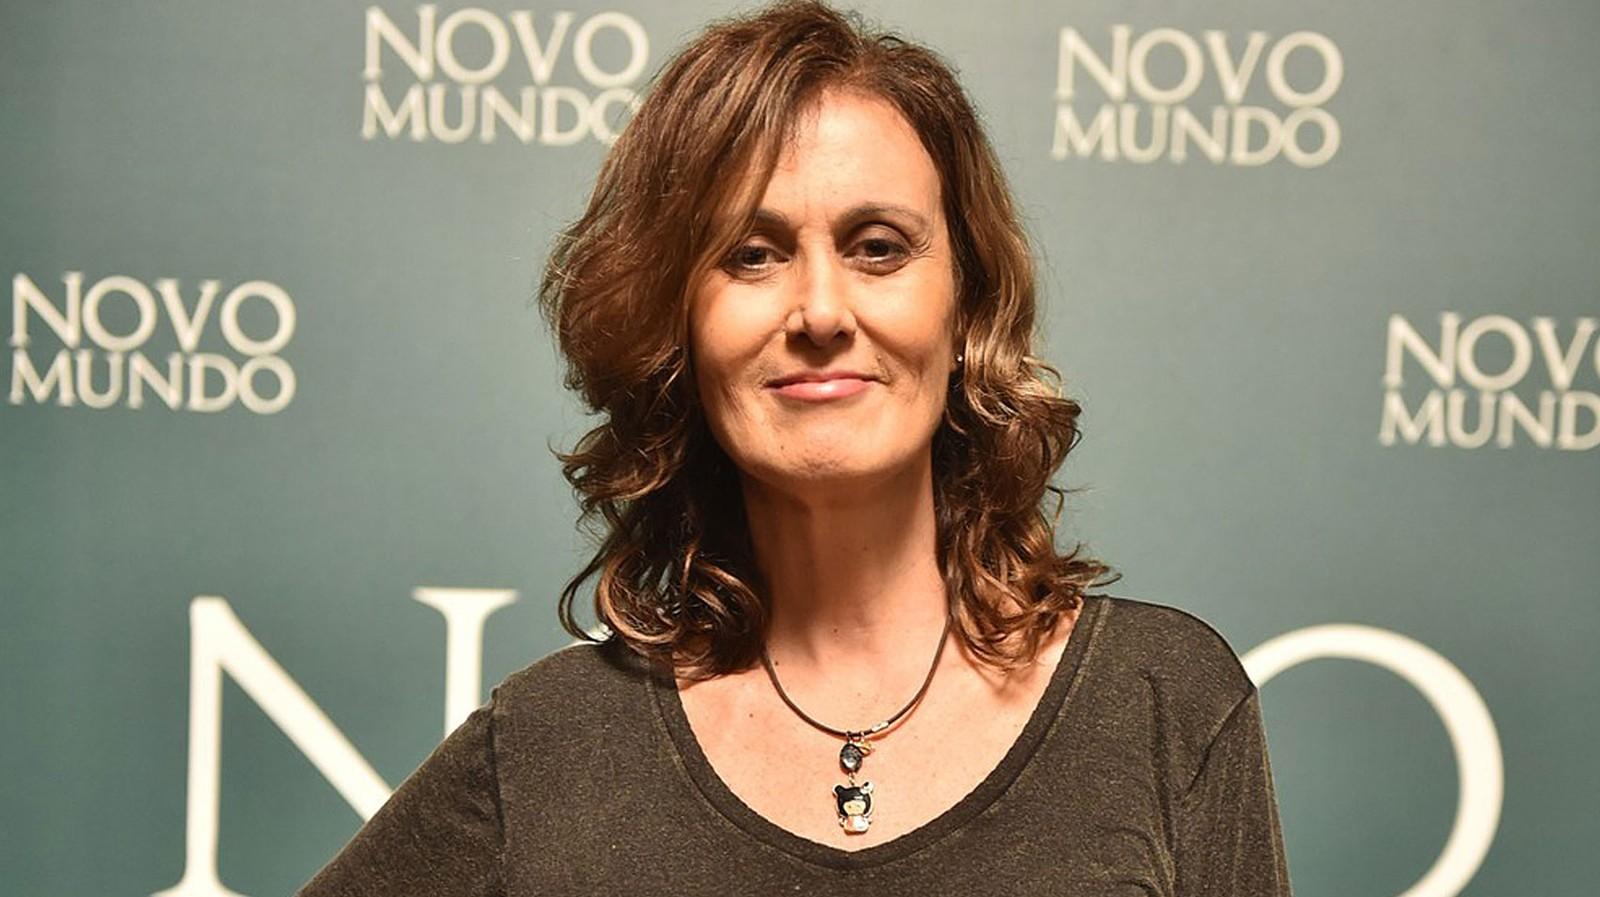 Márcia Cabrita lutava contra câncer no ovário desde 2010